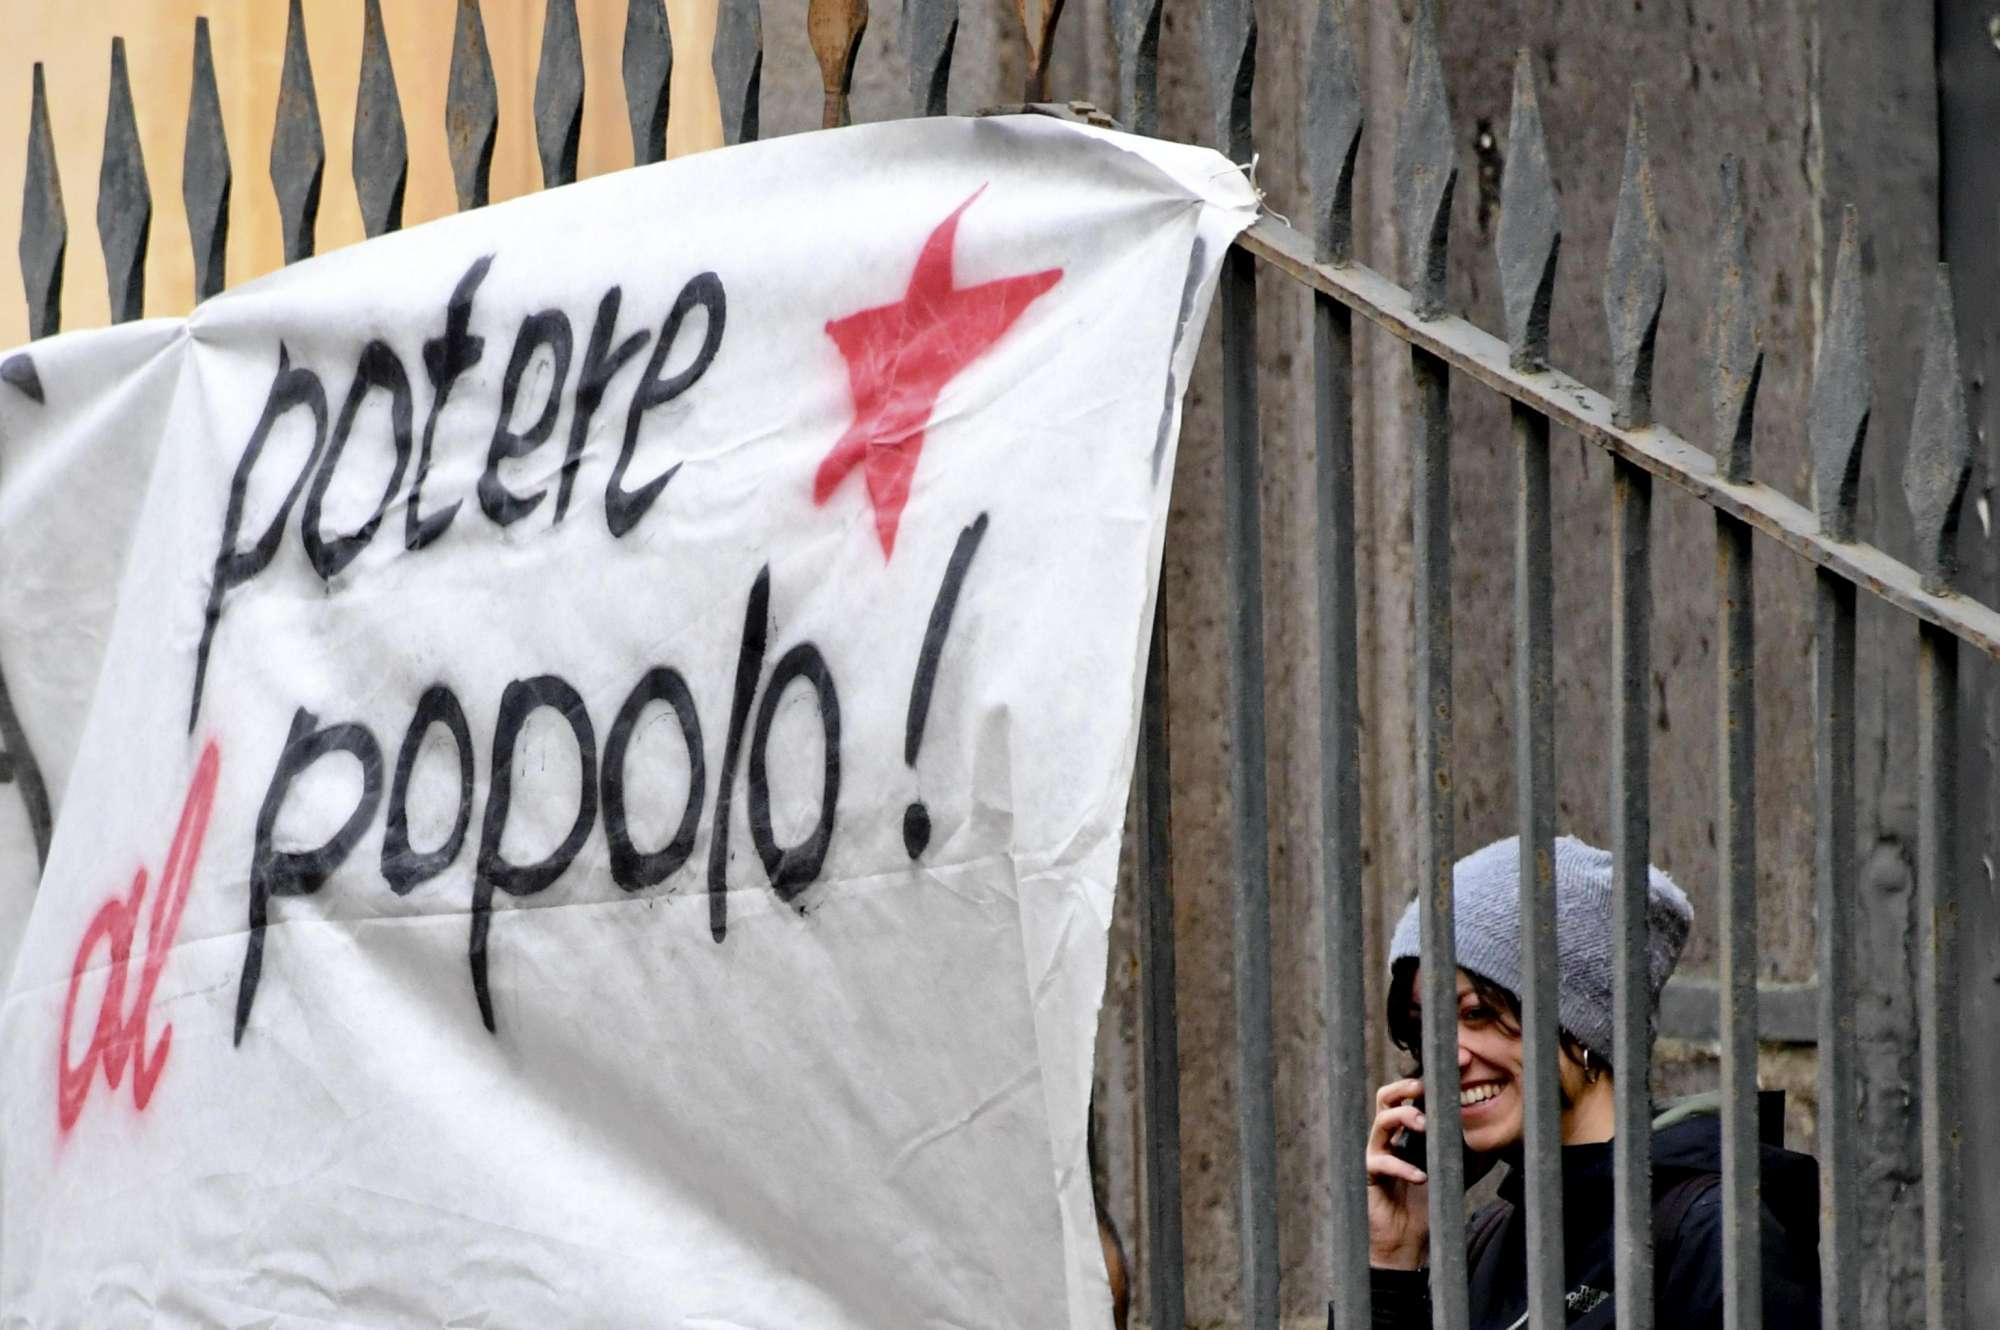 Napoli, una casa contro il freddo per i bisognosi: giovani occupano chiesa